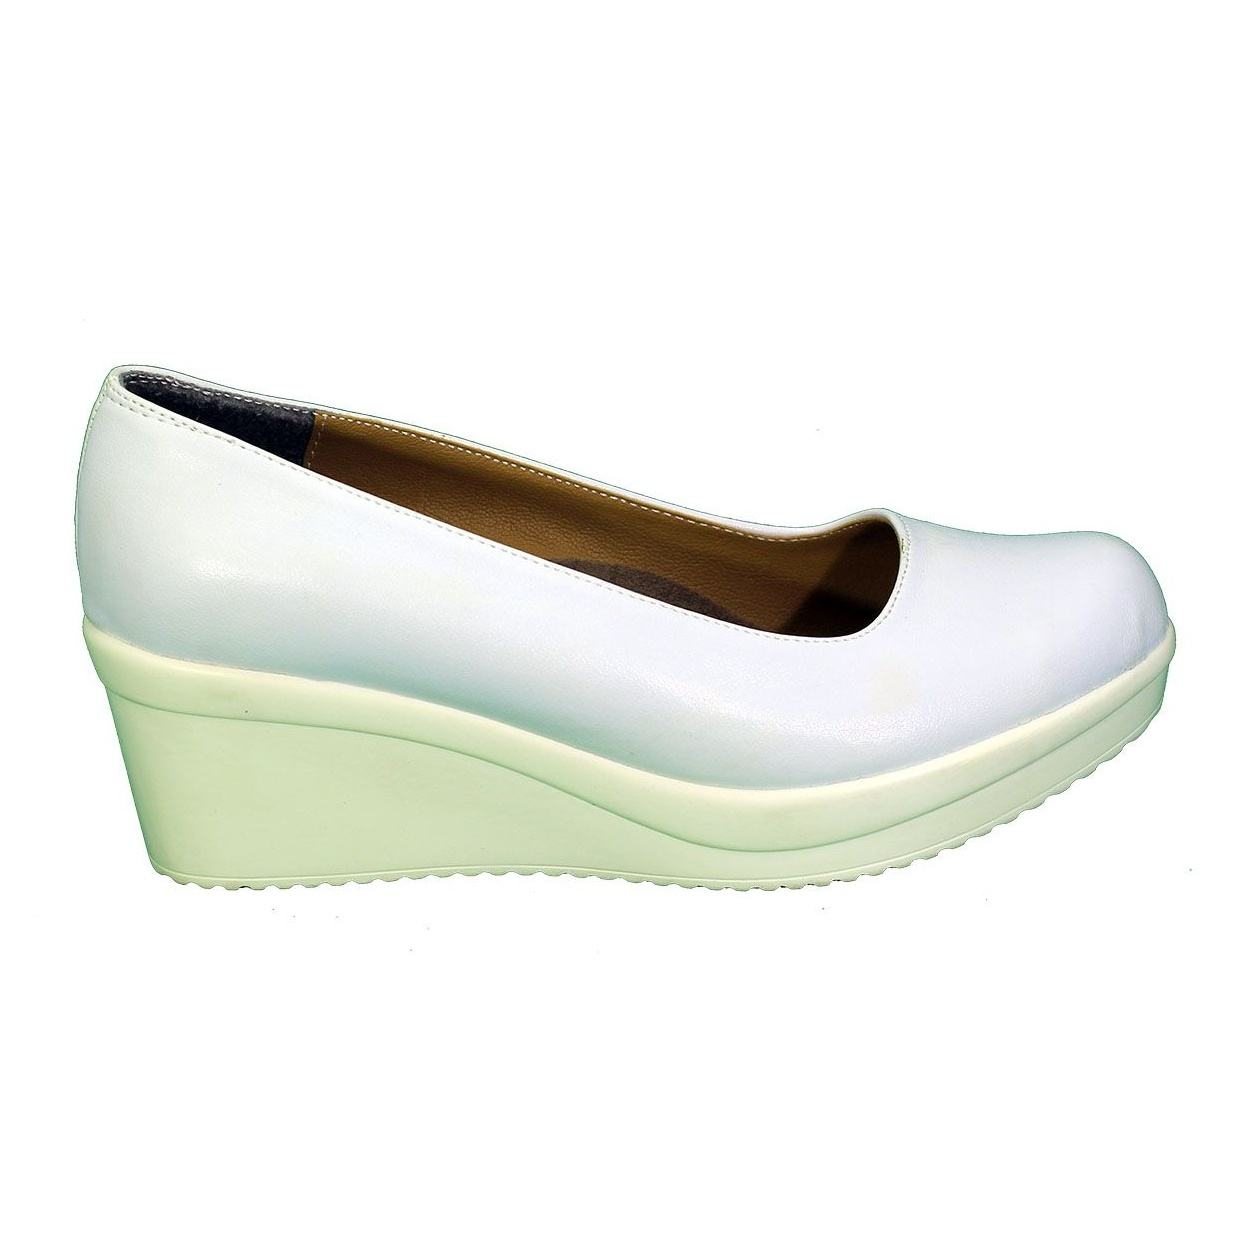 کفش طبی زنانه شهرام طب مدل 2093 کد 1 main 1 4